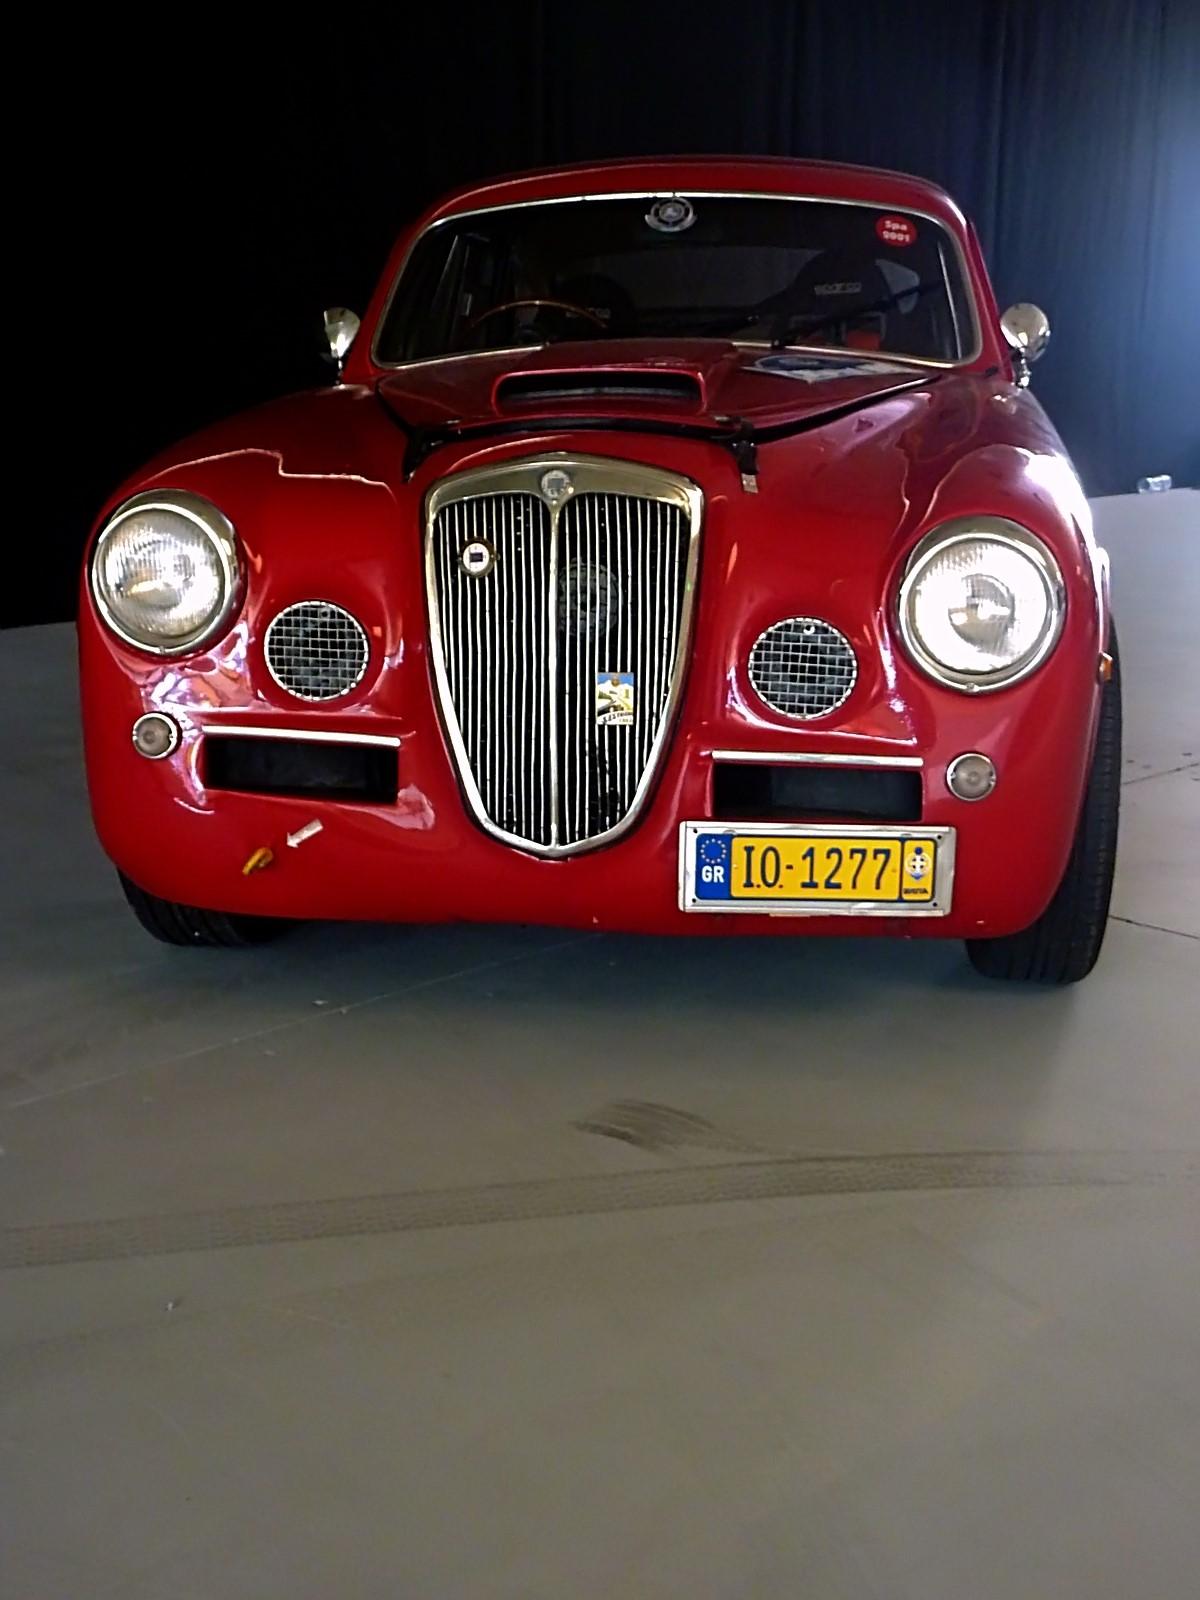 1953 Lancia Aurelia B24 ex L (3)